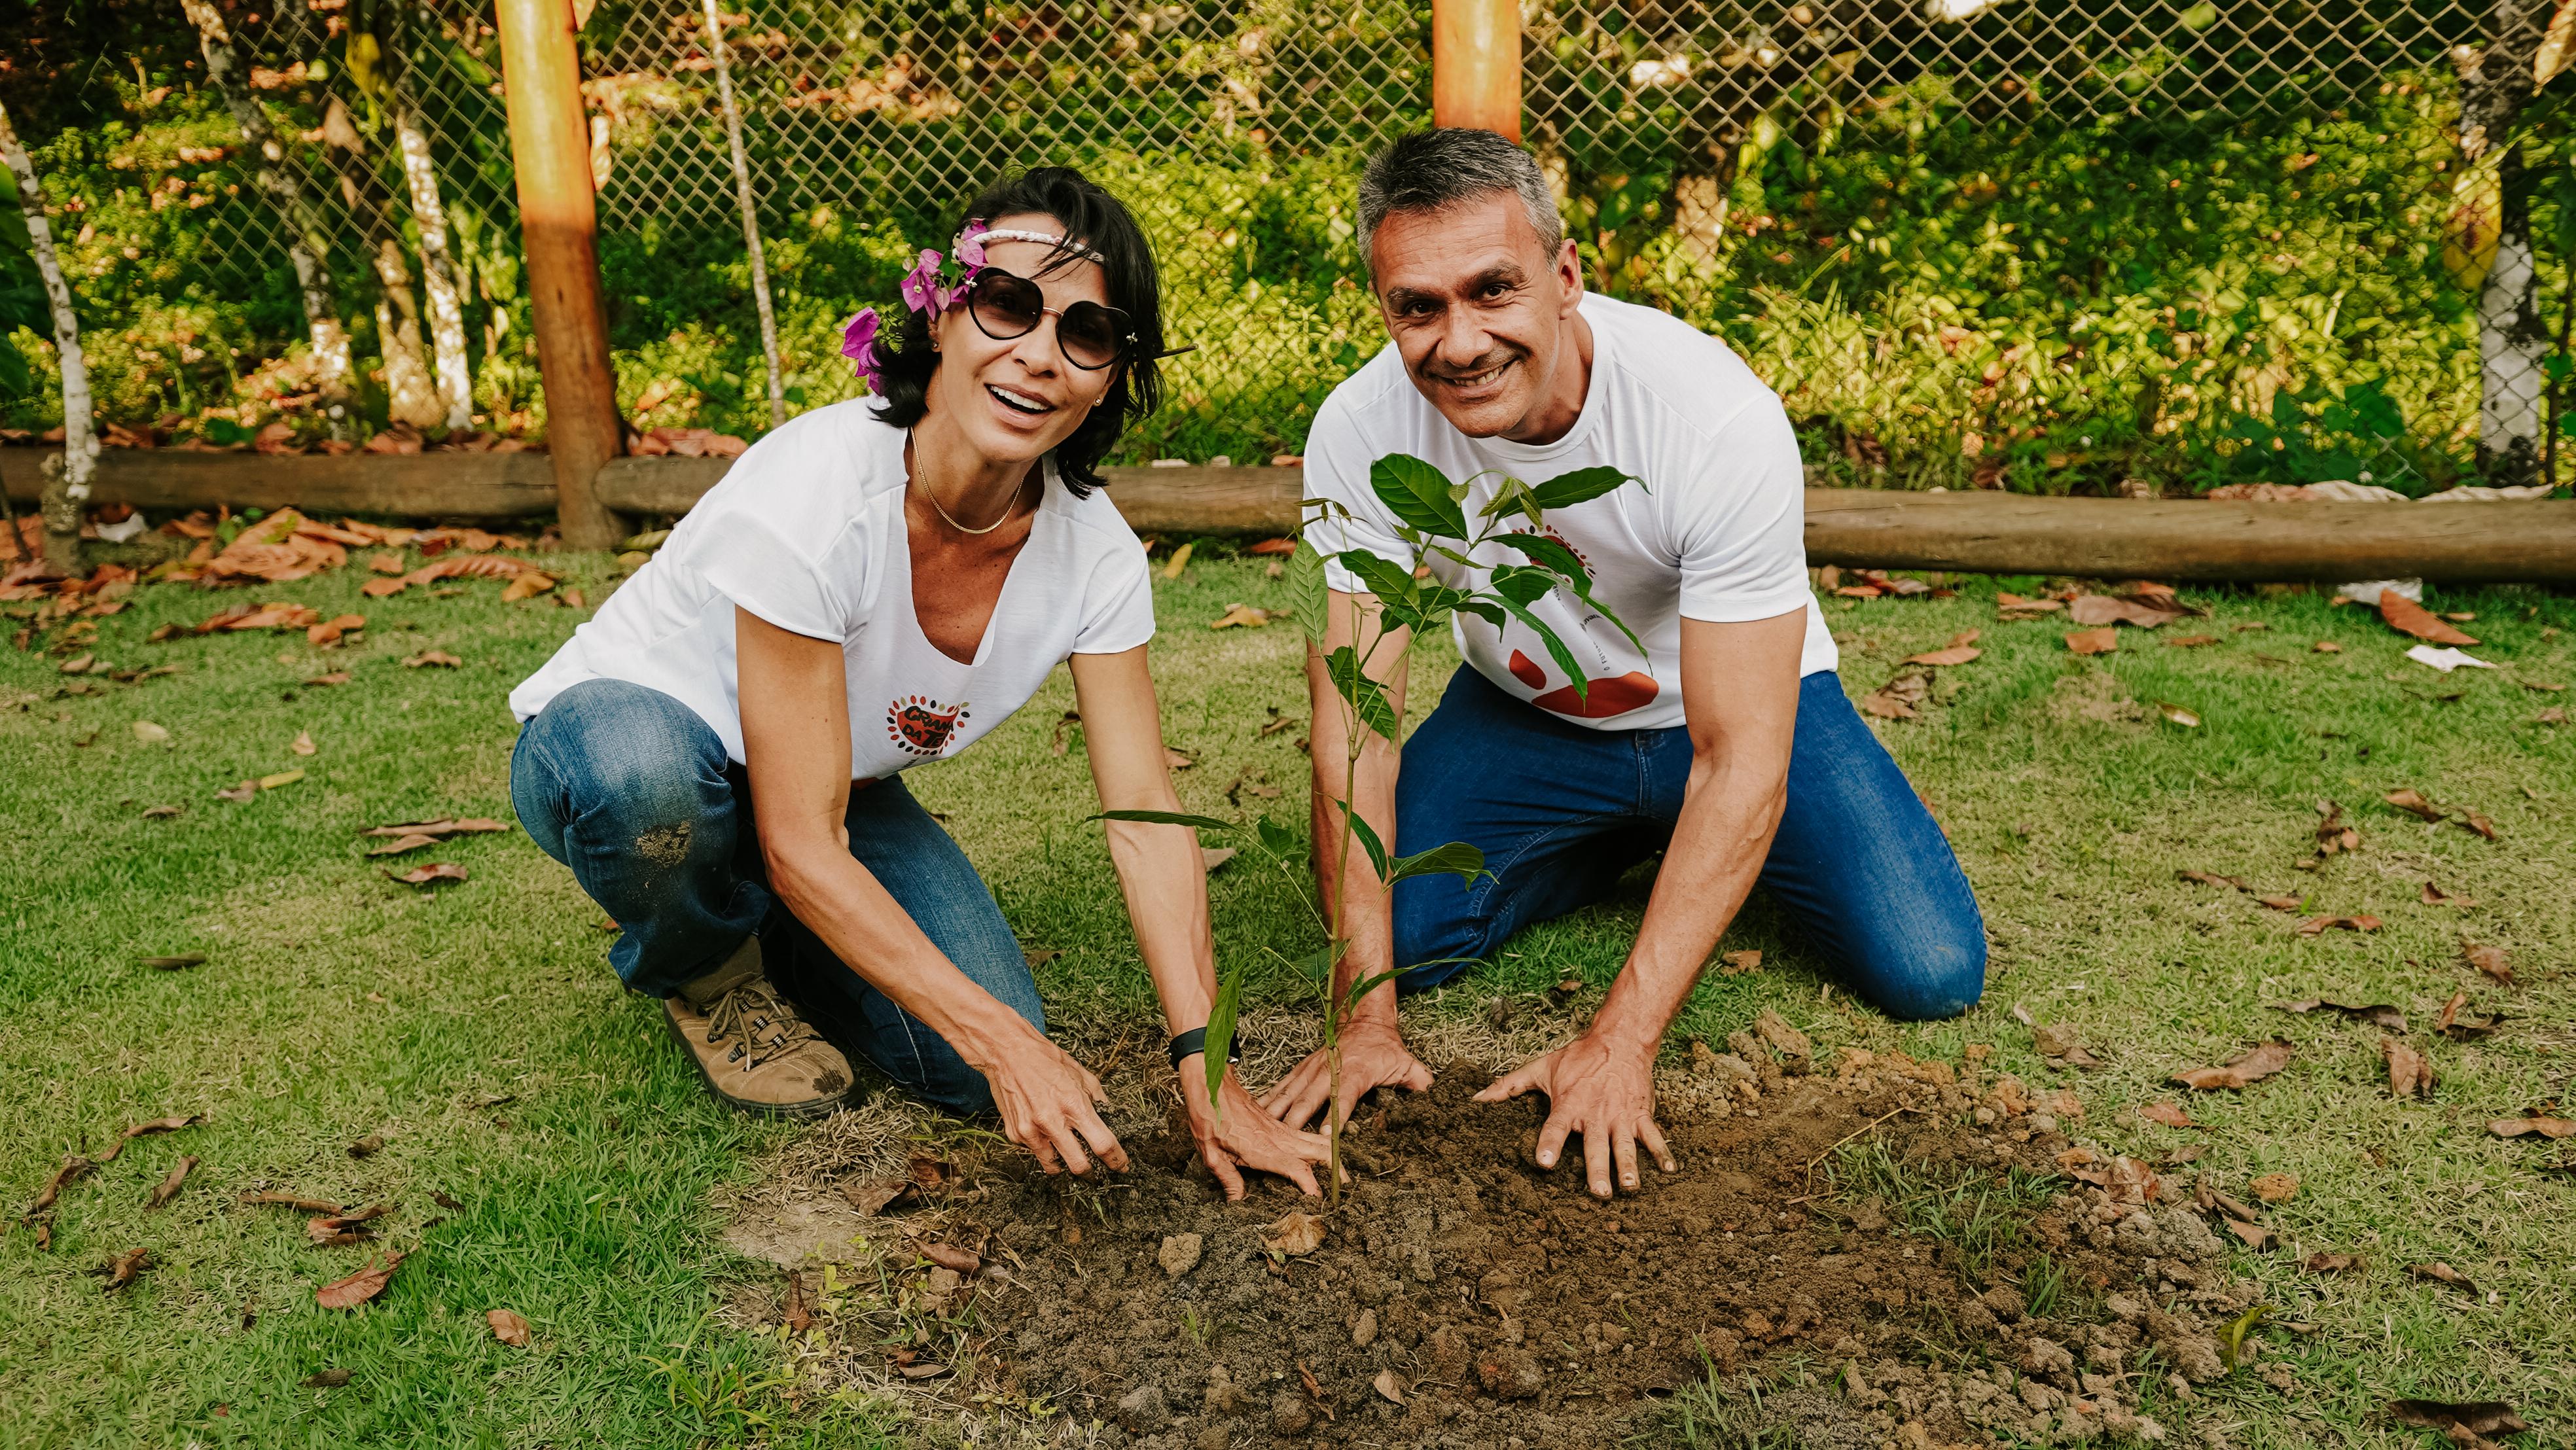 Sócios fundadores Monica Burgos e Cesar Favero Avatim cada vez mais comprometida com a agenda 2030 para o desenvolvimento sustentável do planeta - Foto: divulgacao